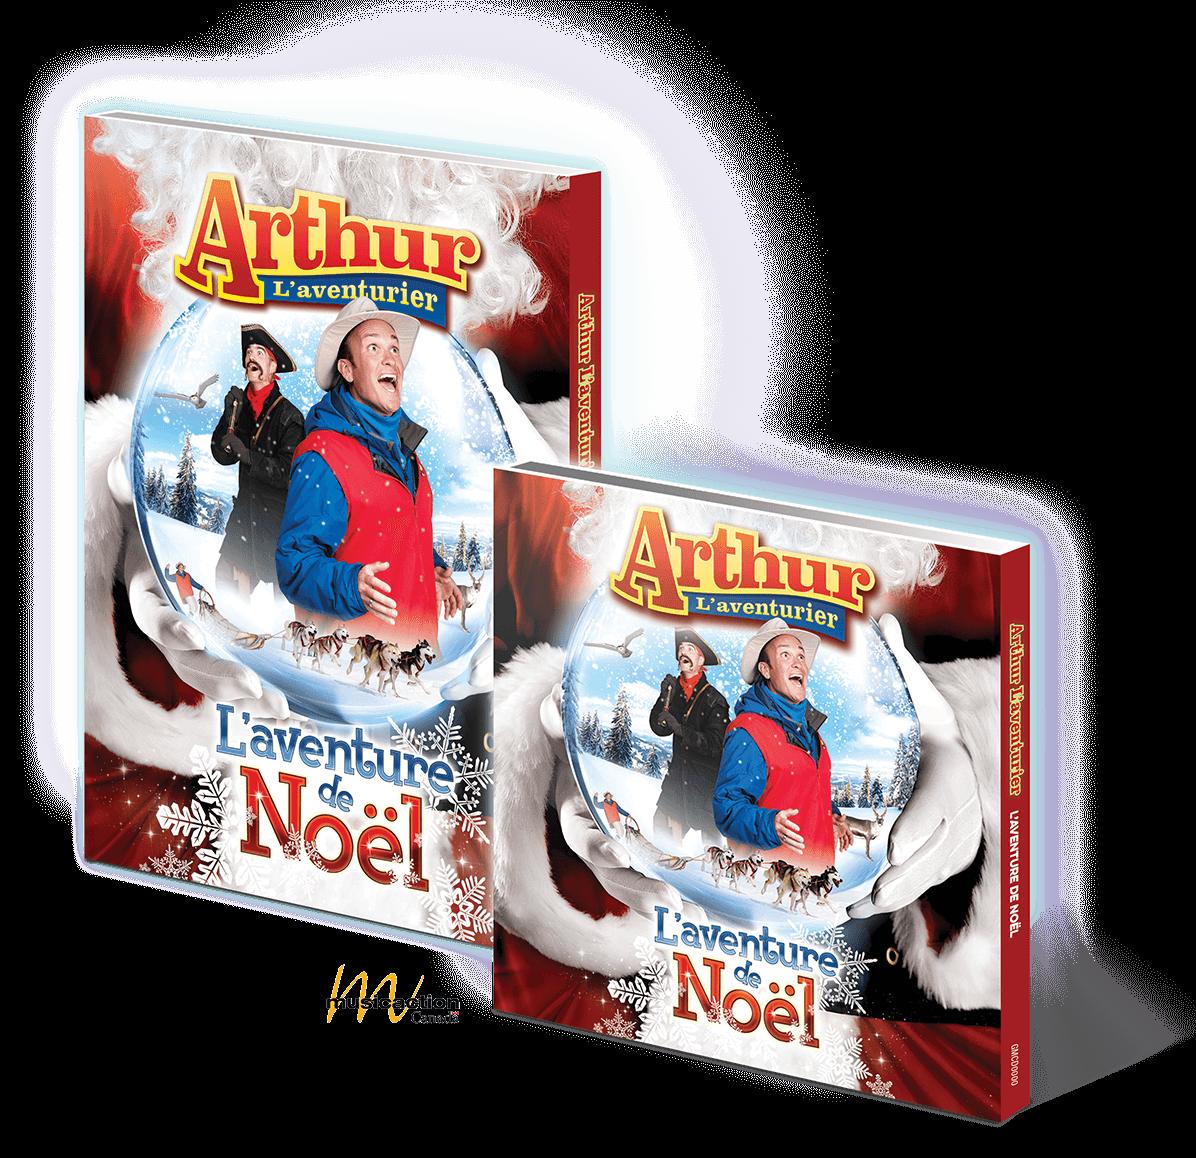 arthur-aventurier-noel-boutique